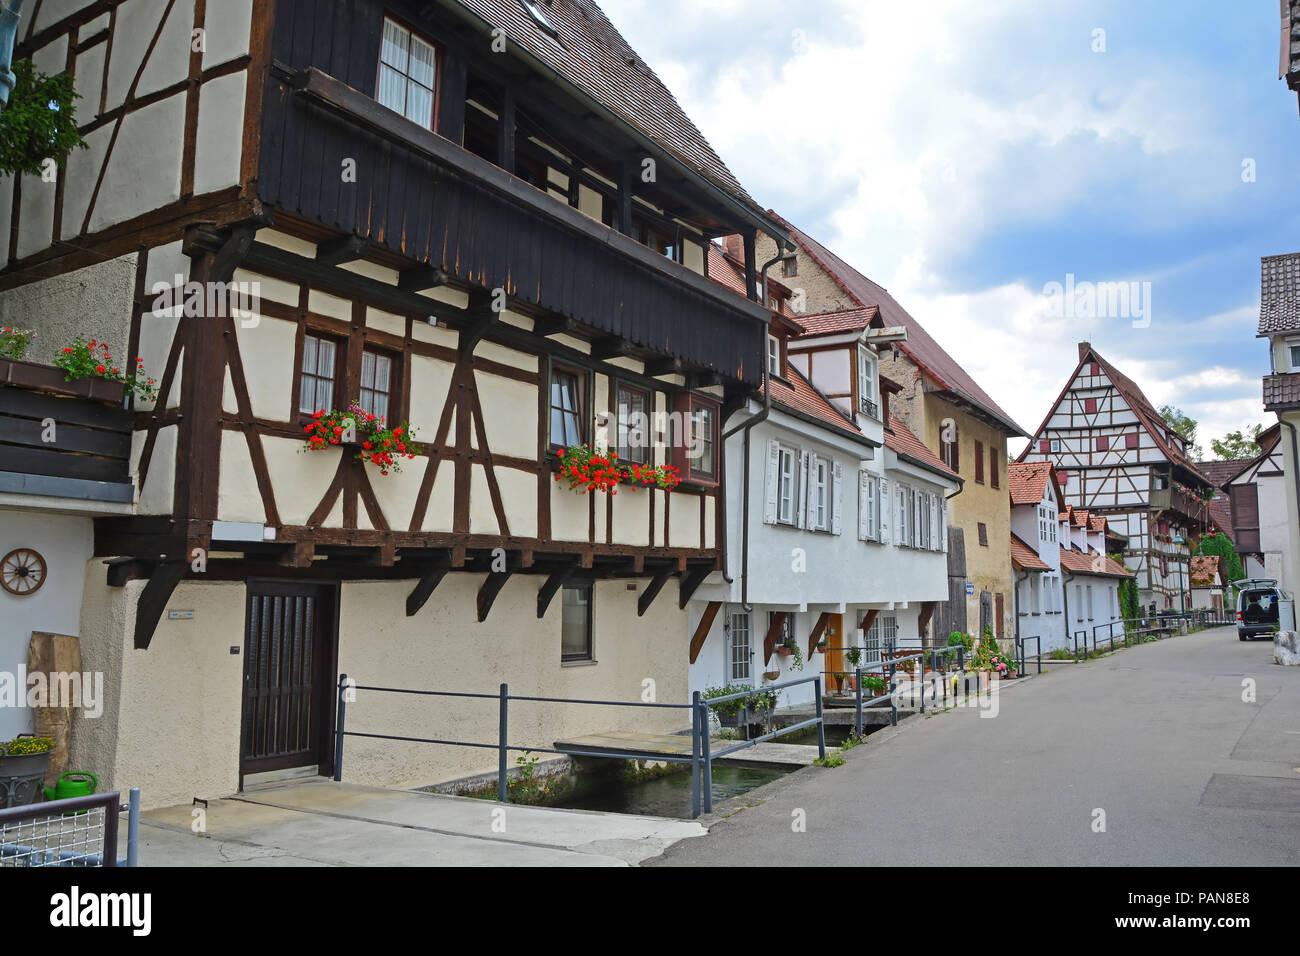 Deutsche Fachwerkhaus Gebäude in der mittelalterlichen Stadt neben kleinen Kanal in die Schwäbische Alb Region Stockbild